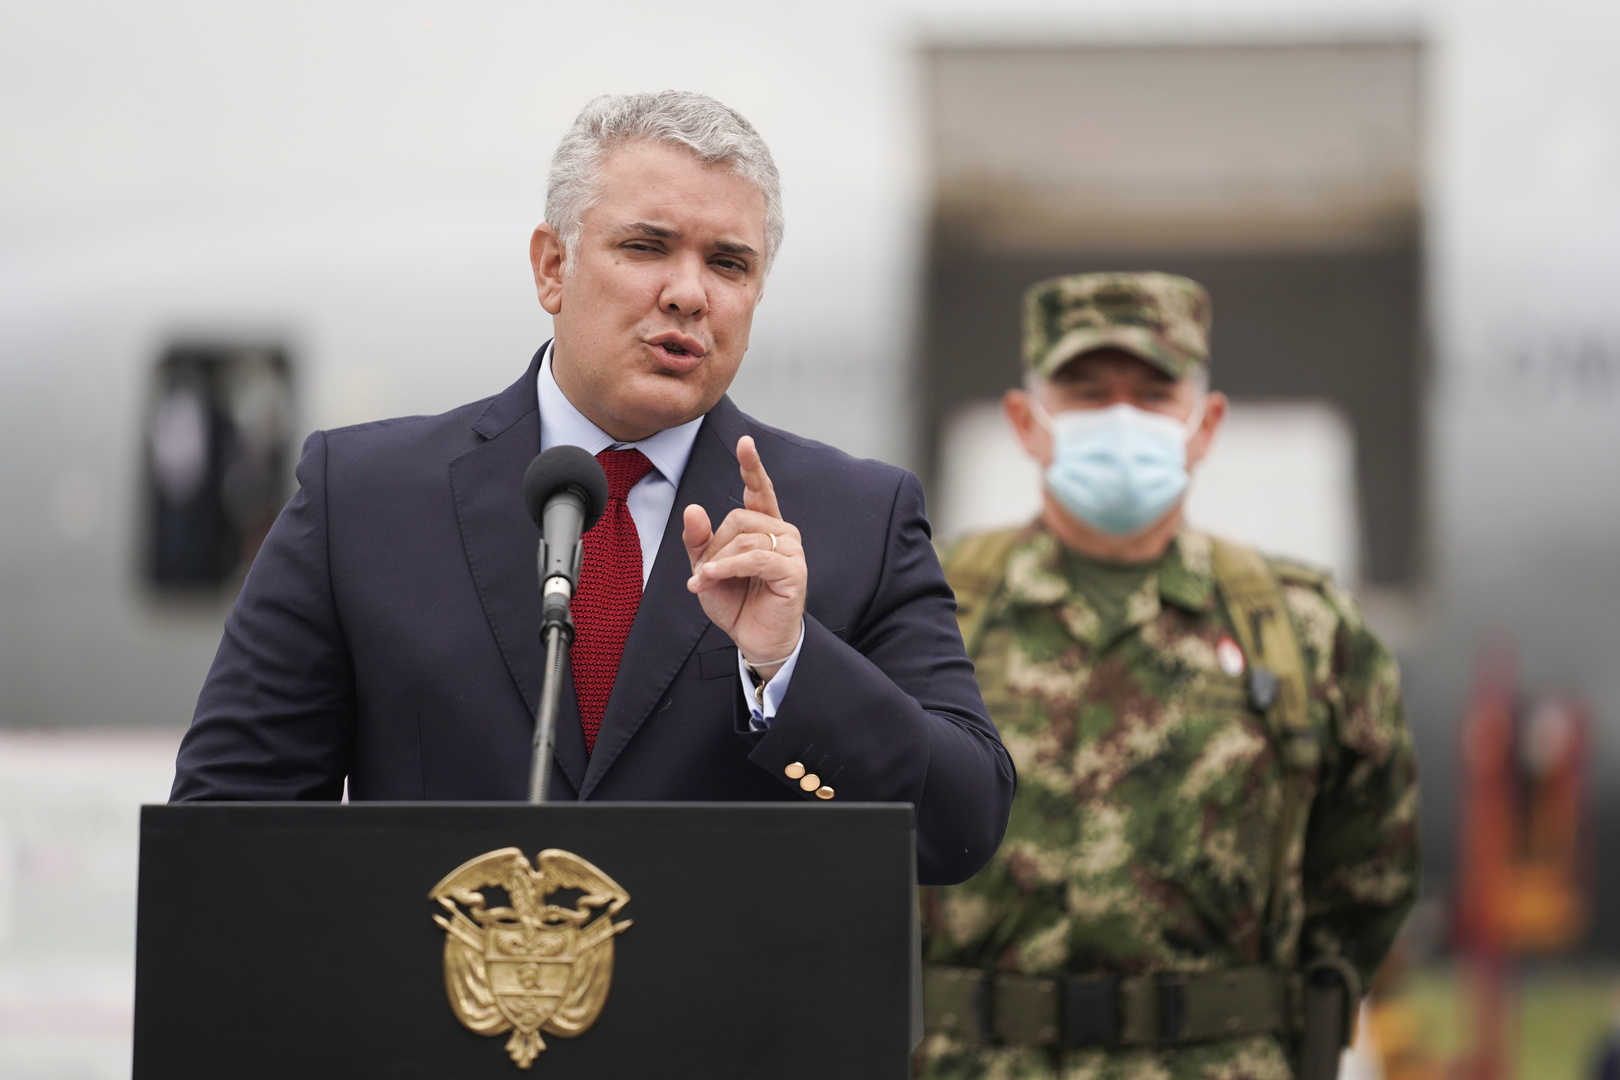 رئيس كولومبيا يدعو الولايات المتحدة لإدراج فنزويلا على قائمة الدول الراعية للإرهاب